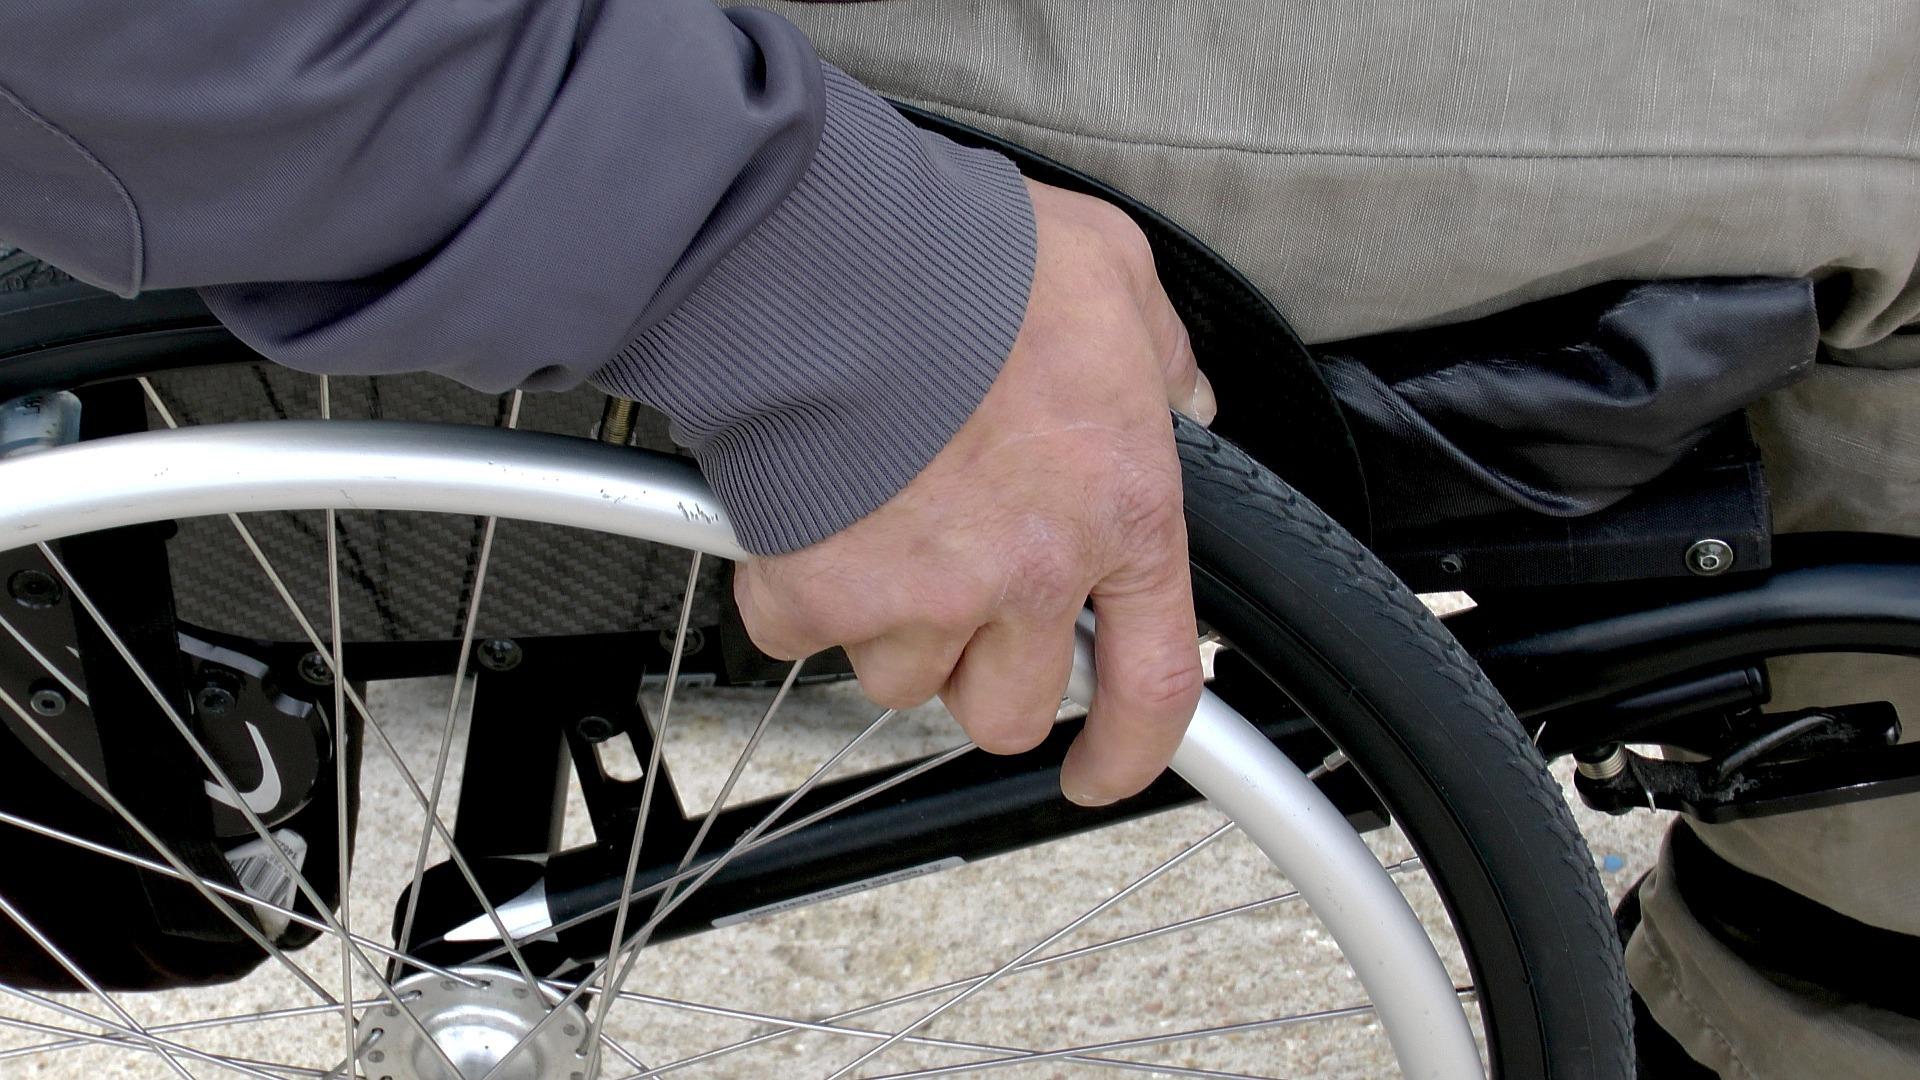 Jak zrealizować zapotrzebowanie na środki pomocnicze i ortopedyczne?